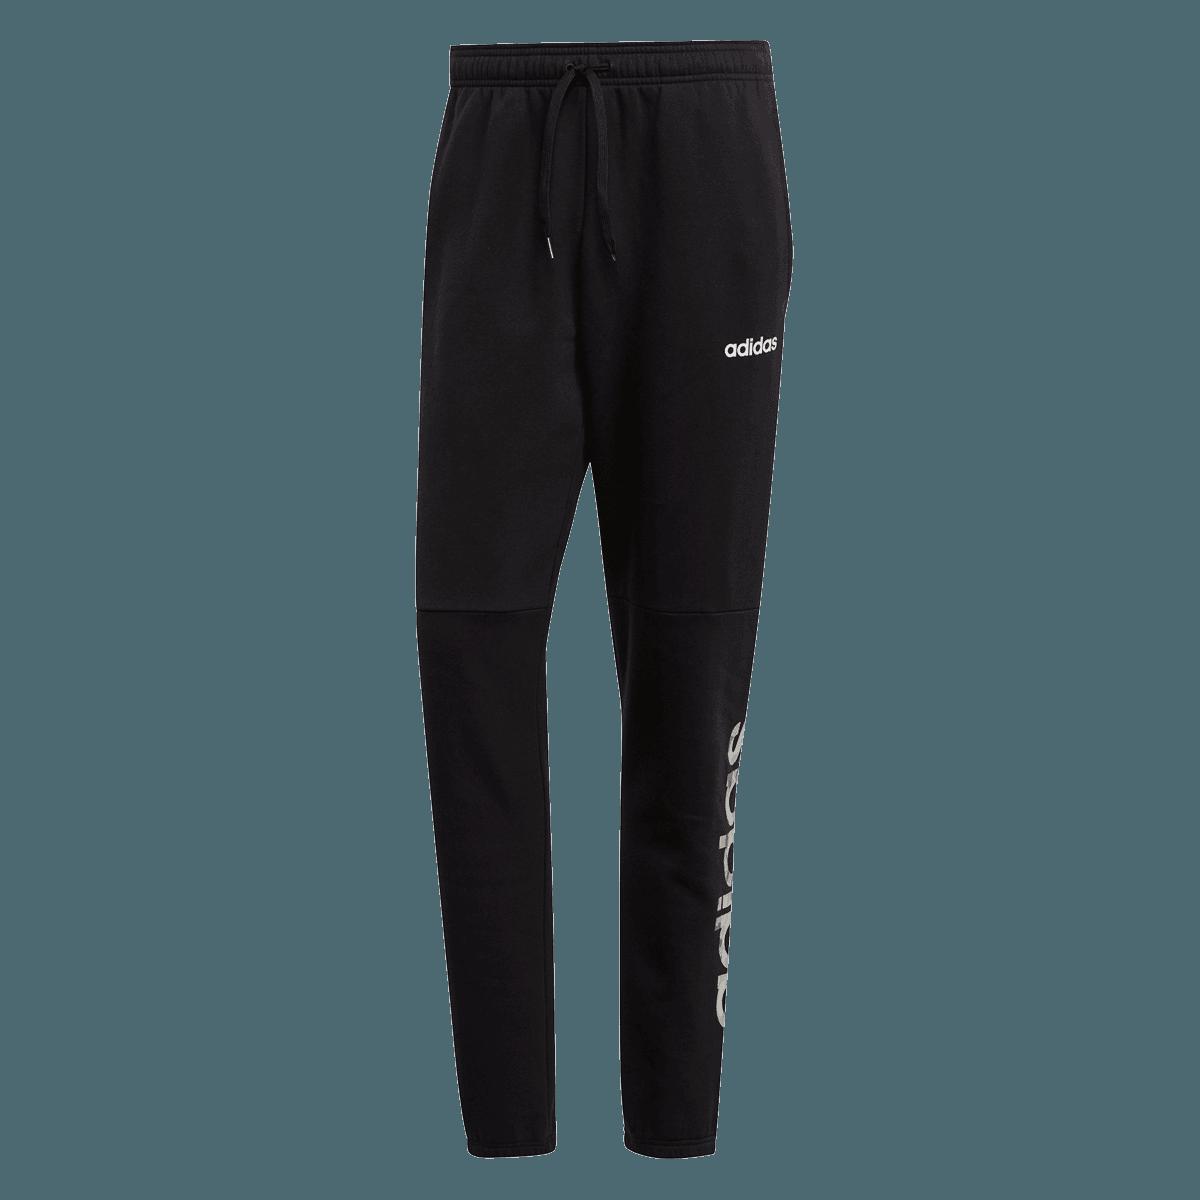 adidas vrijetijdsbroek Essential Comm Linear Fleece Pant zwartwit